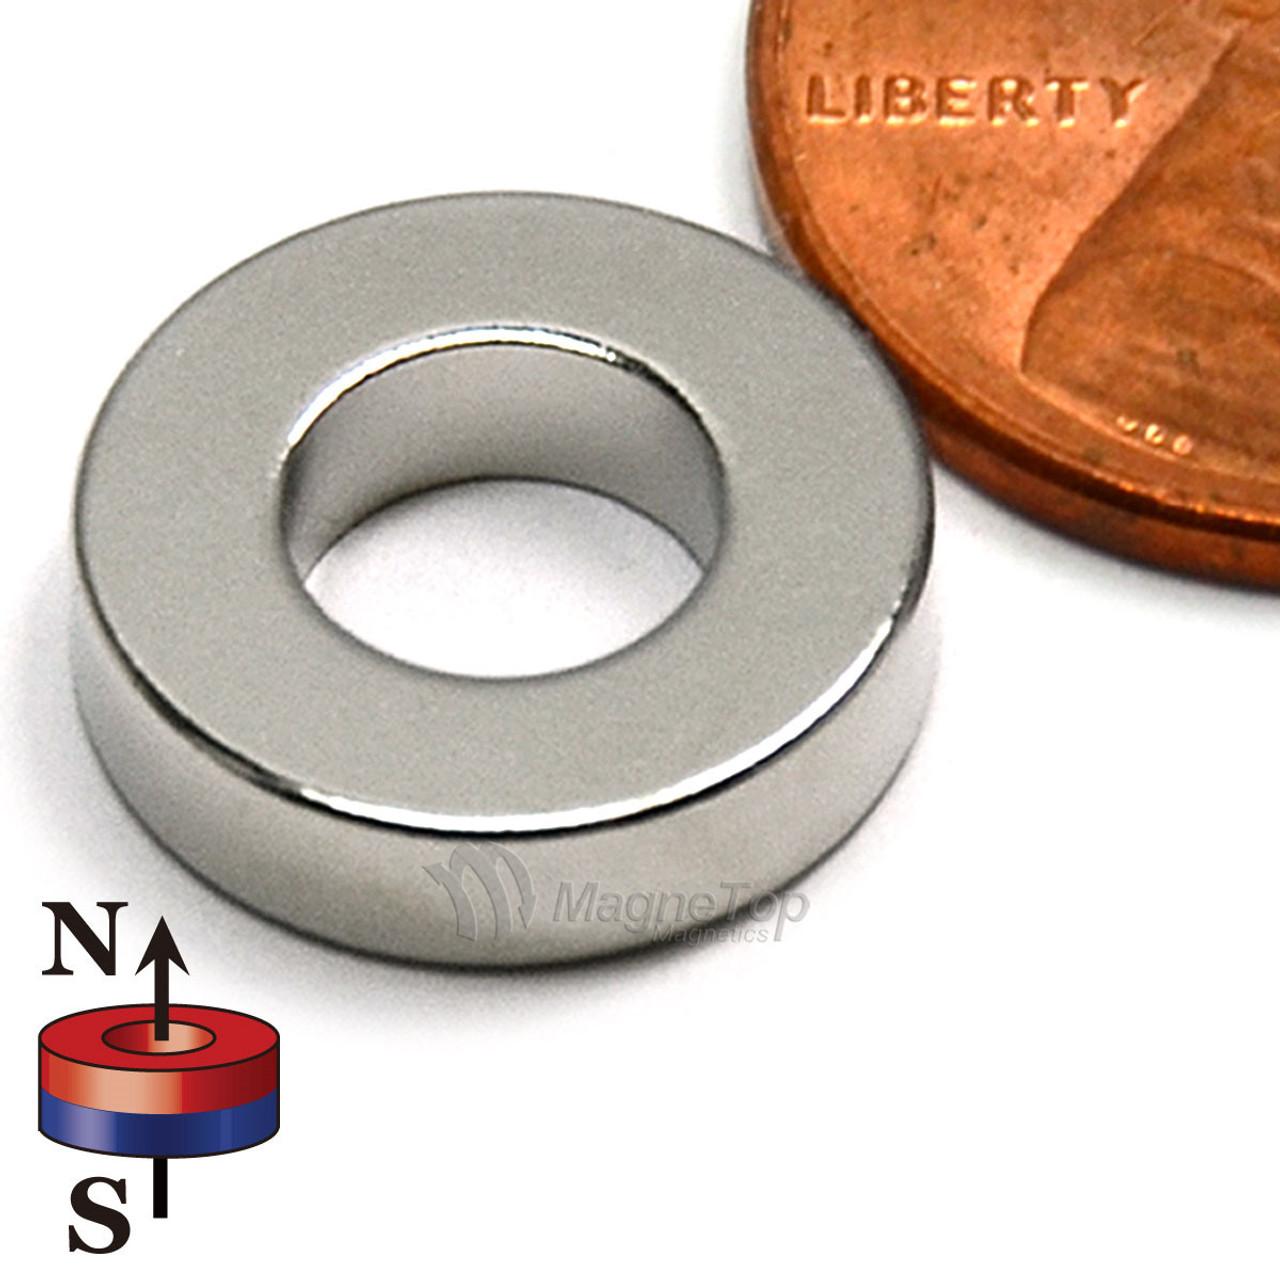 12mm (OD) x 6mm(ID) x 3mm - N52-Neodymium Ring